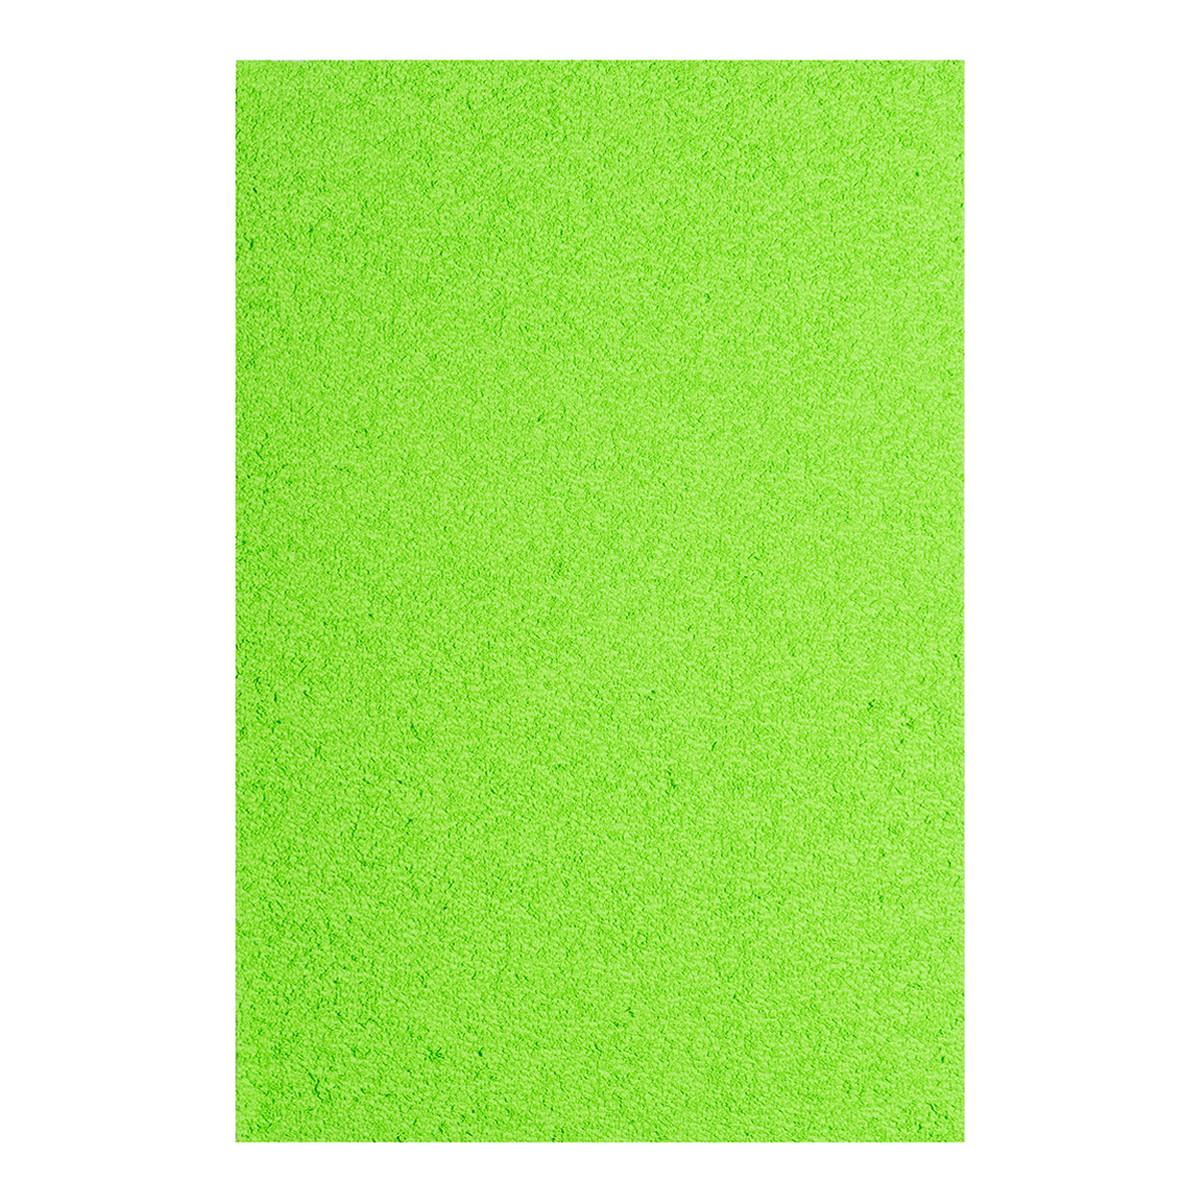 Фоамиран ЕВА яскраво-зелений махровий, 200*300 мм, товщина 2 мм, 10 листів